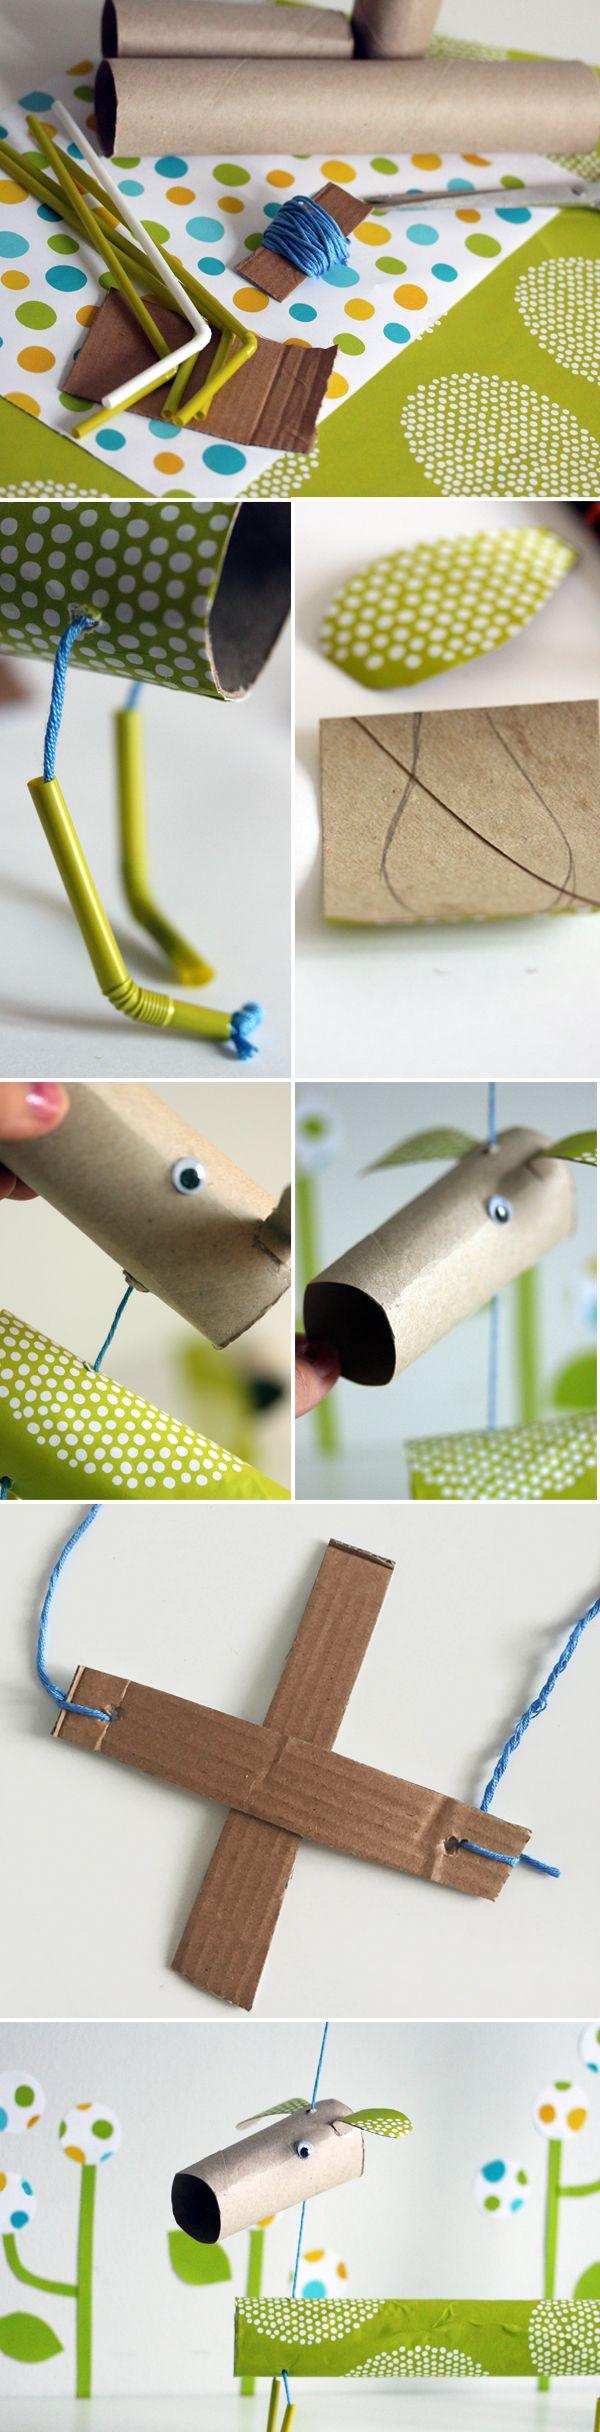 Mäyräkoira | lasten | askartelu | kesä| käsityöt | koti |  free printable pattern |  DIY ideas | kid crafts | summer | home |  Pikku Kakkonen